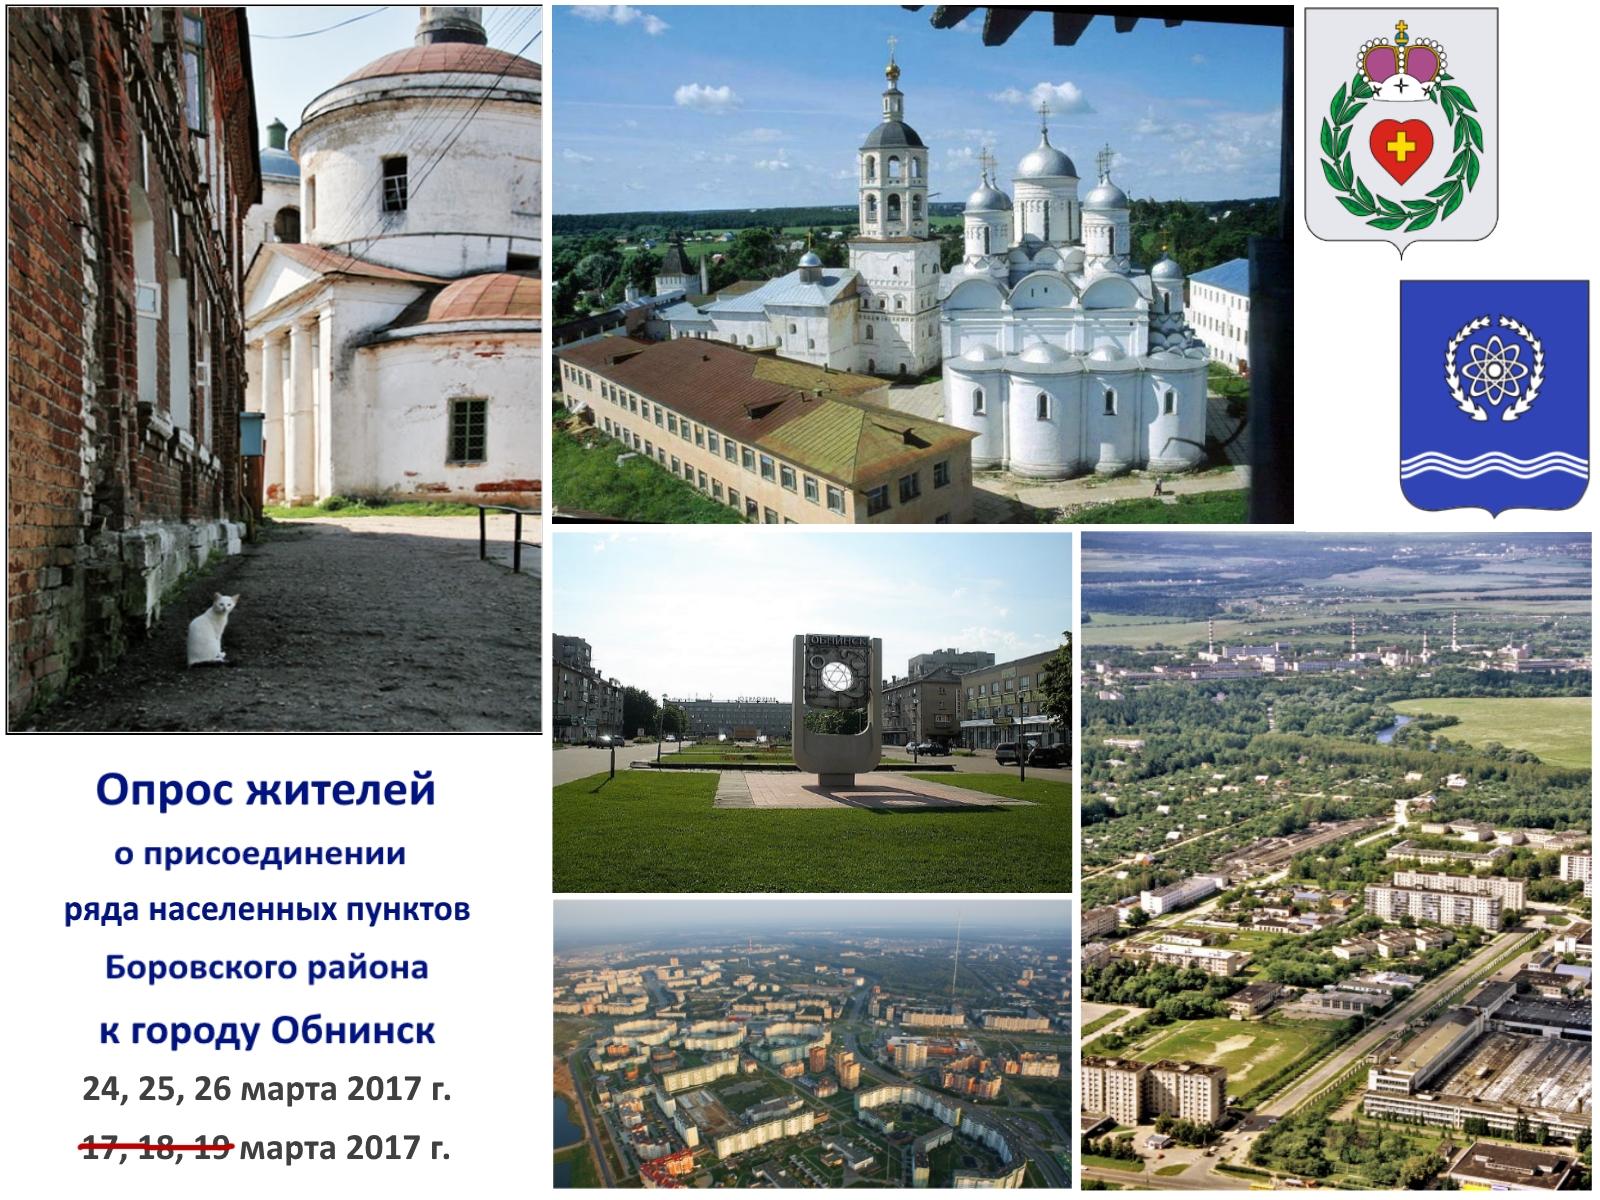 Опрос о присоединении сёл к Обнинску. Будем наблюдать! Часть 1